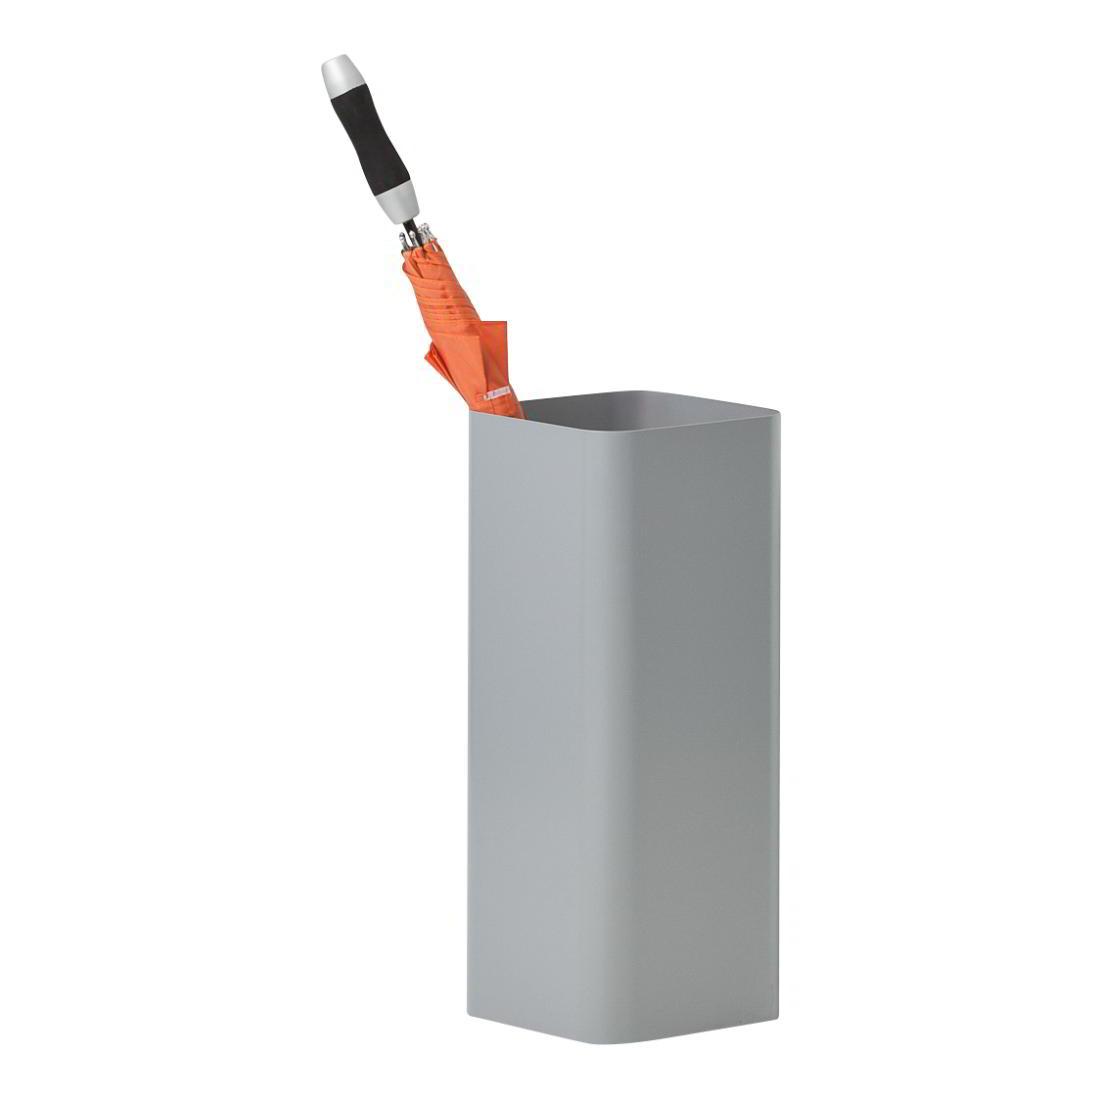 FLOW 2 Schrimständer RAL 9016 aluminiumgrau